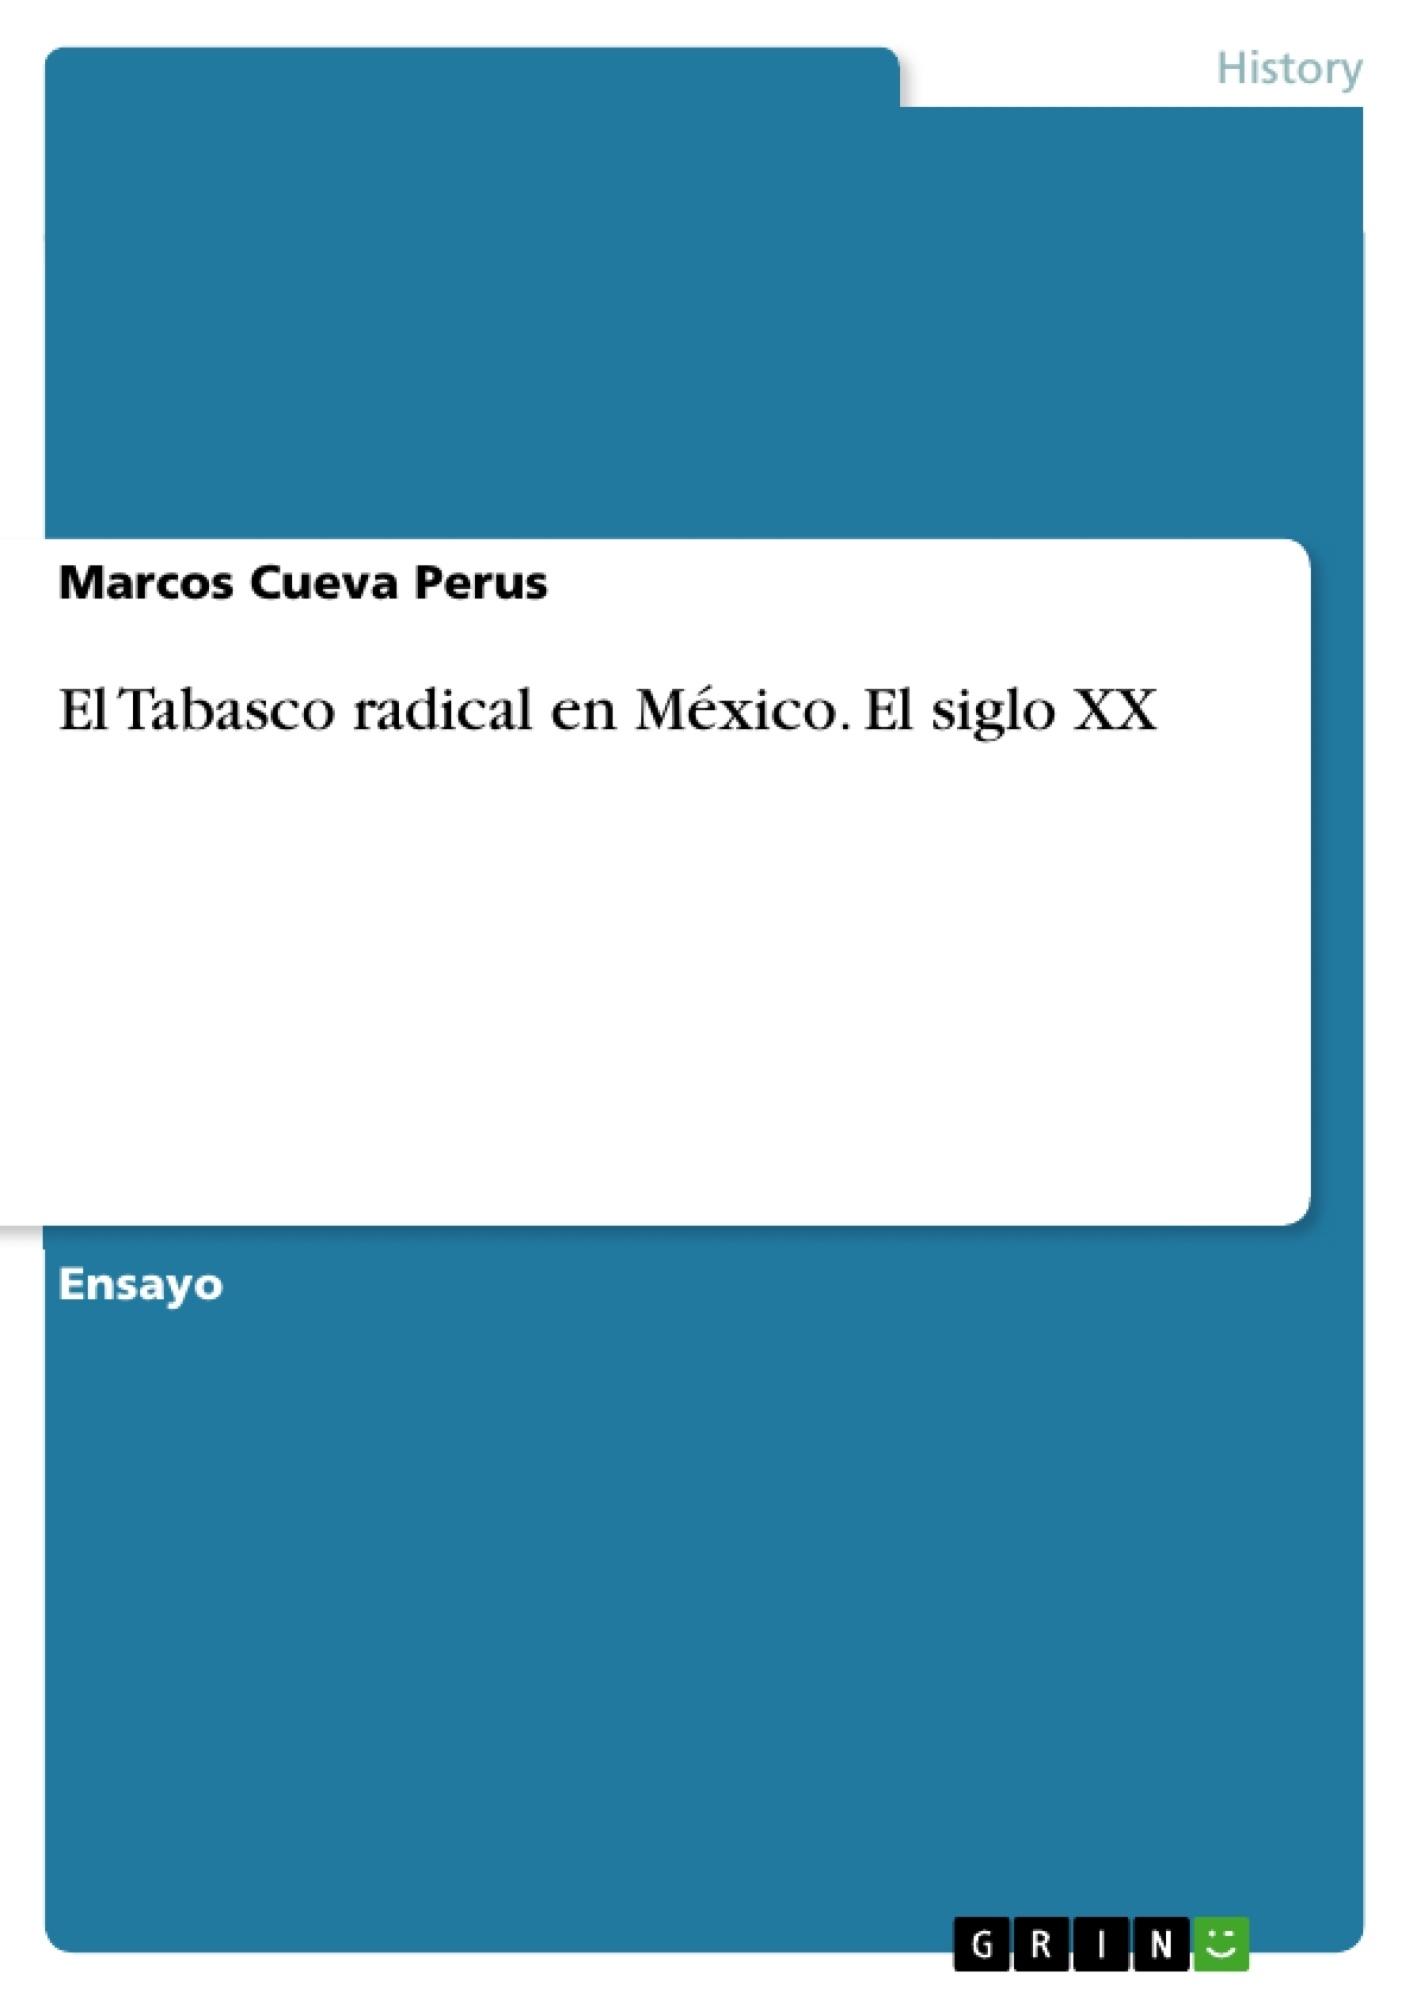 Título: El Tabasco radical en México. El siglo XX